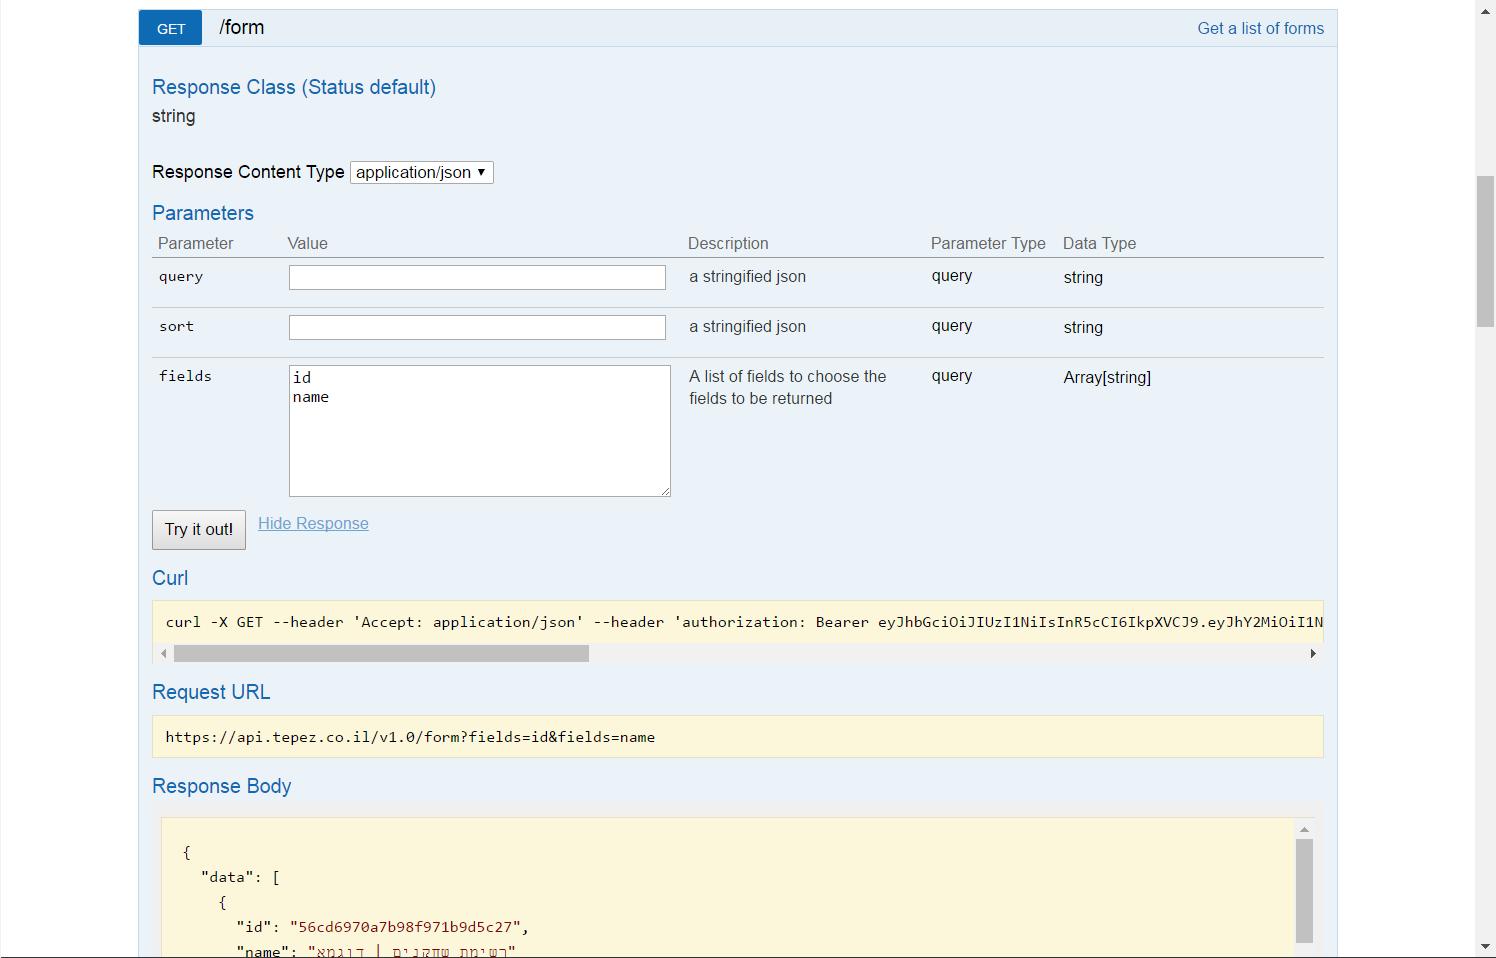 שליחת בקשות מאתר תיעוד ה-API